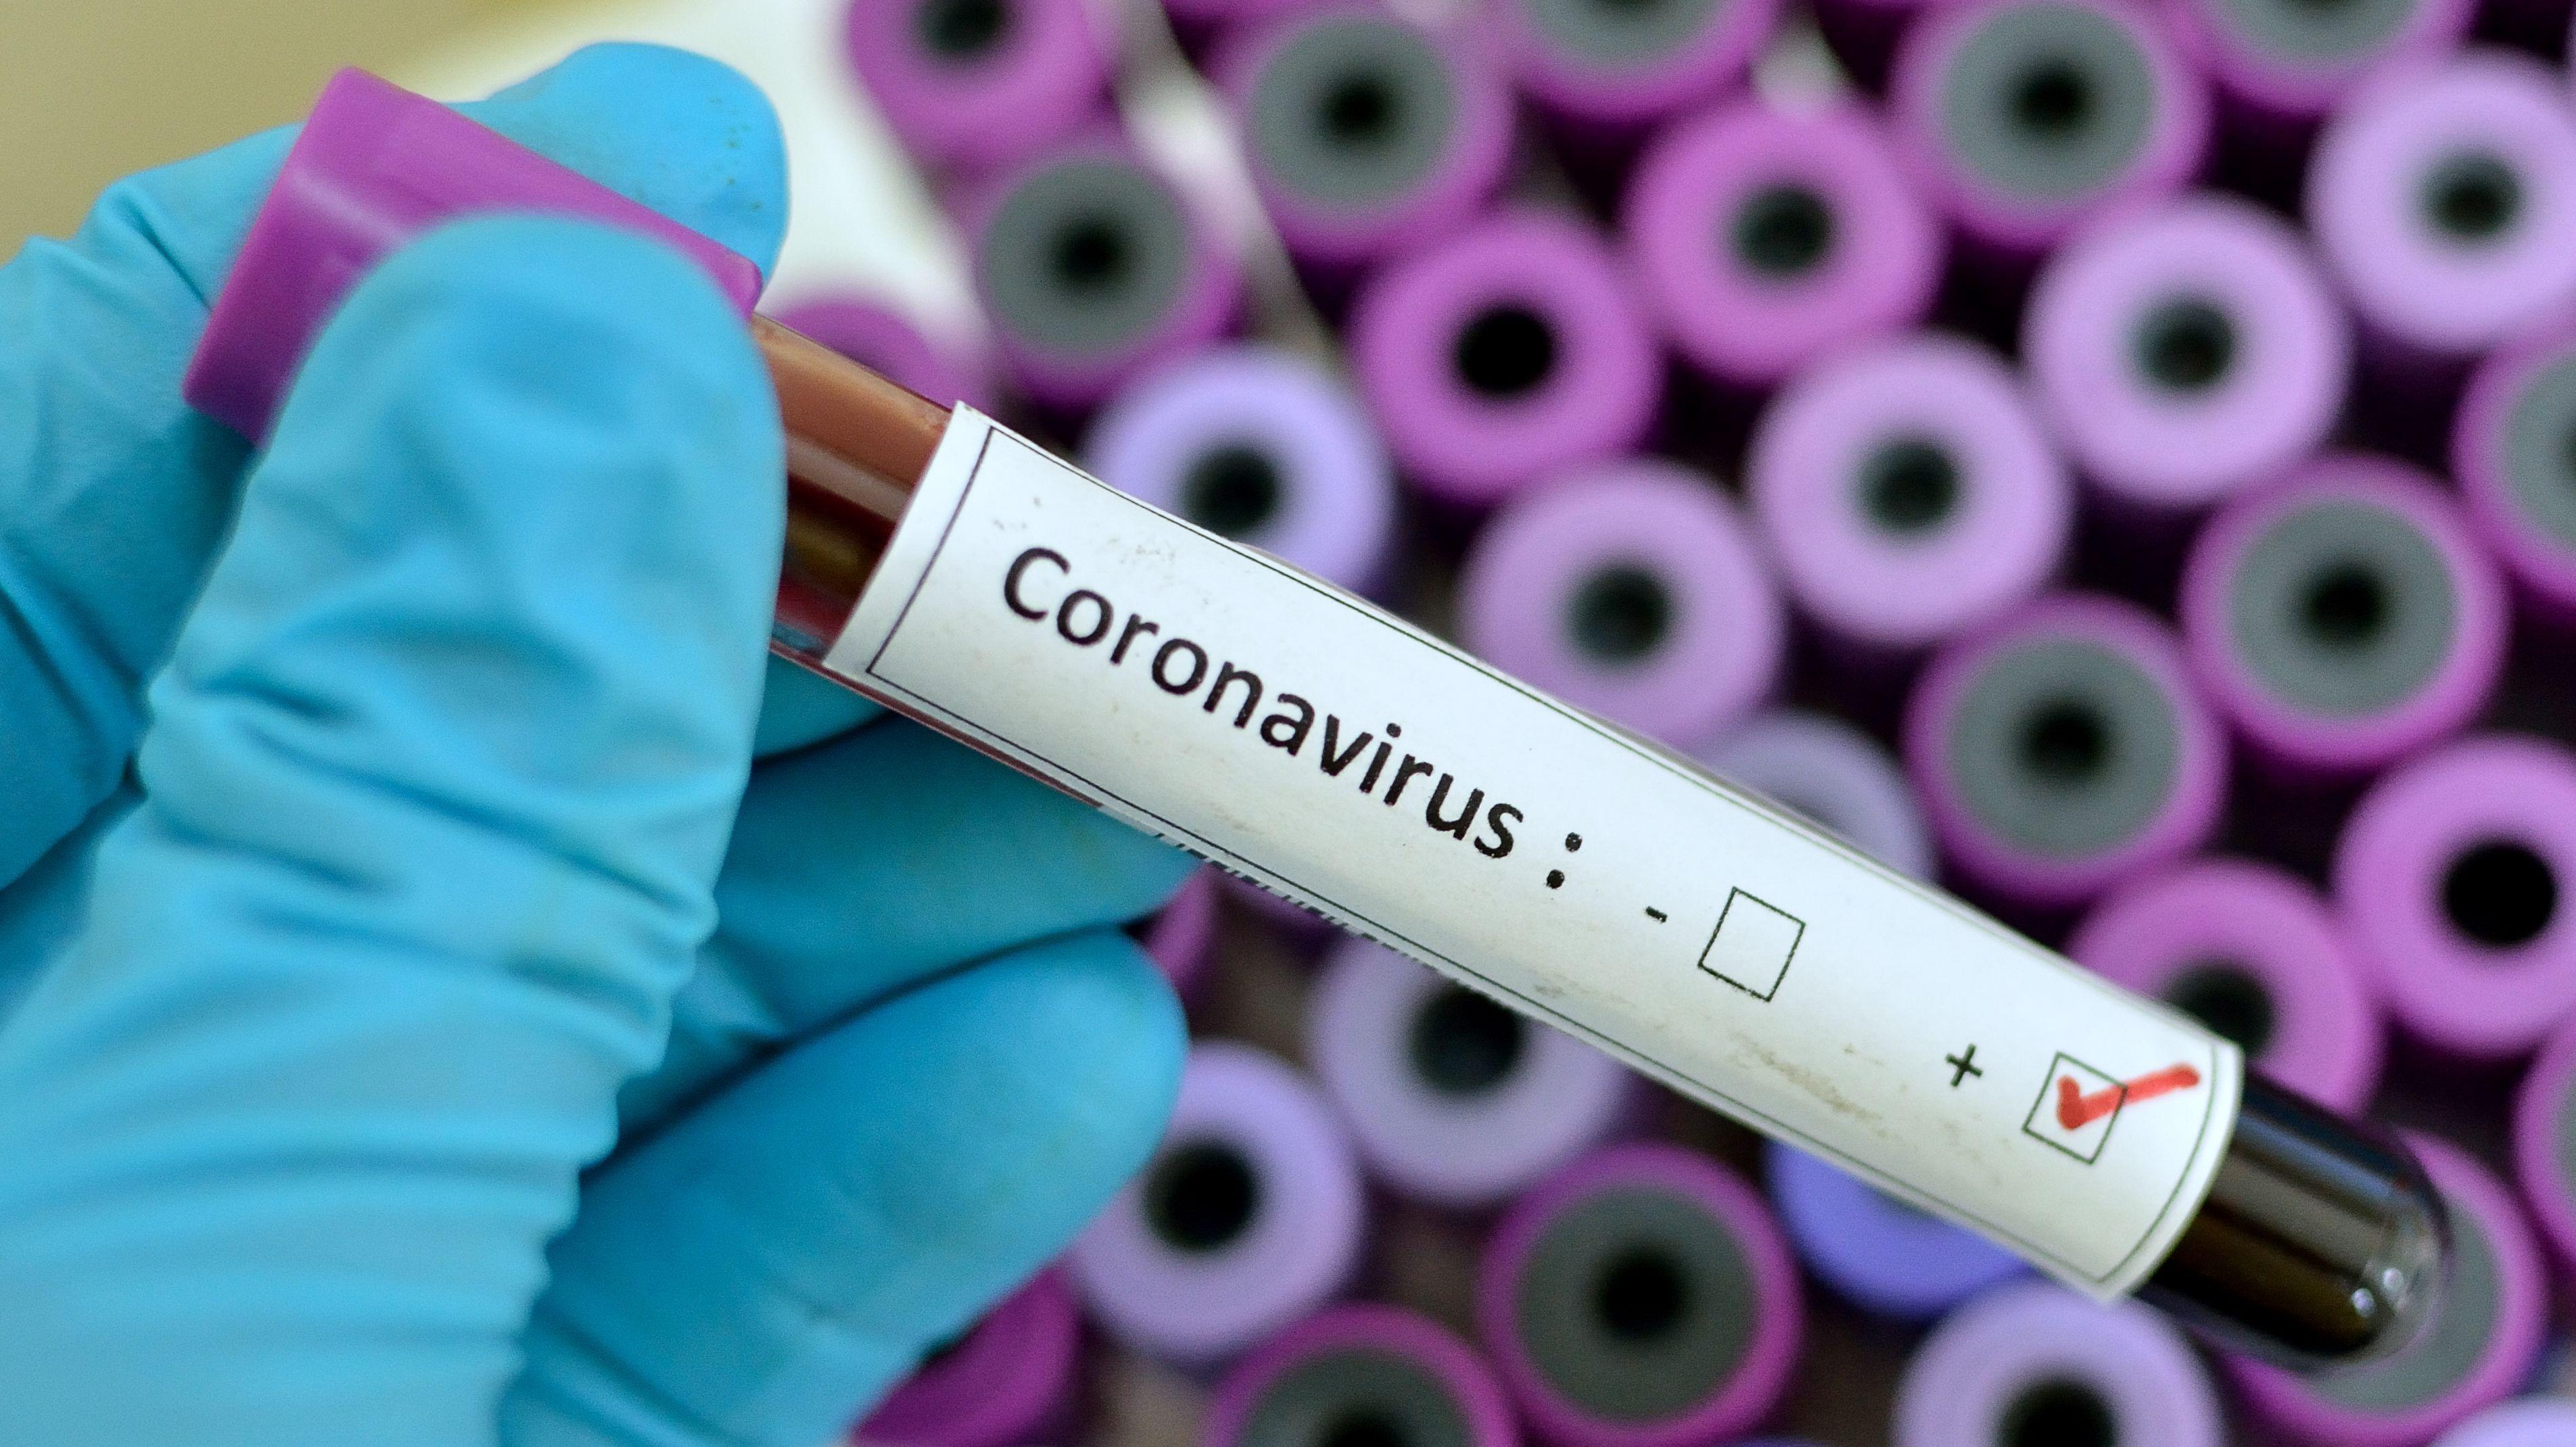 Sinovac araştırmasını yürütüyordu, kovid-19a yenik düştü! Bilim insanı koronavirüsten öldü